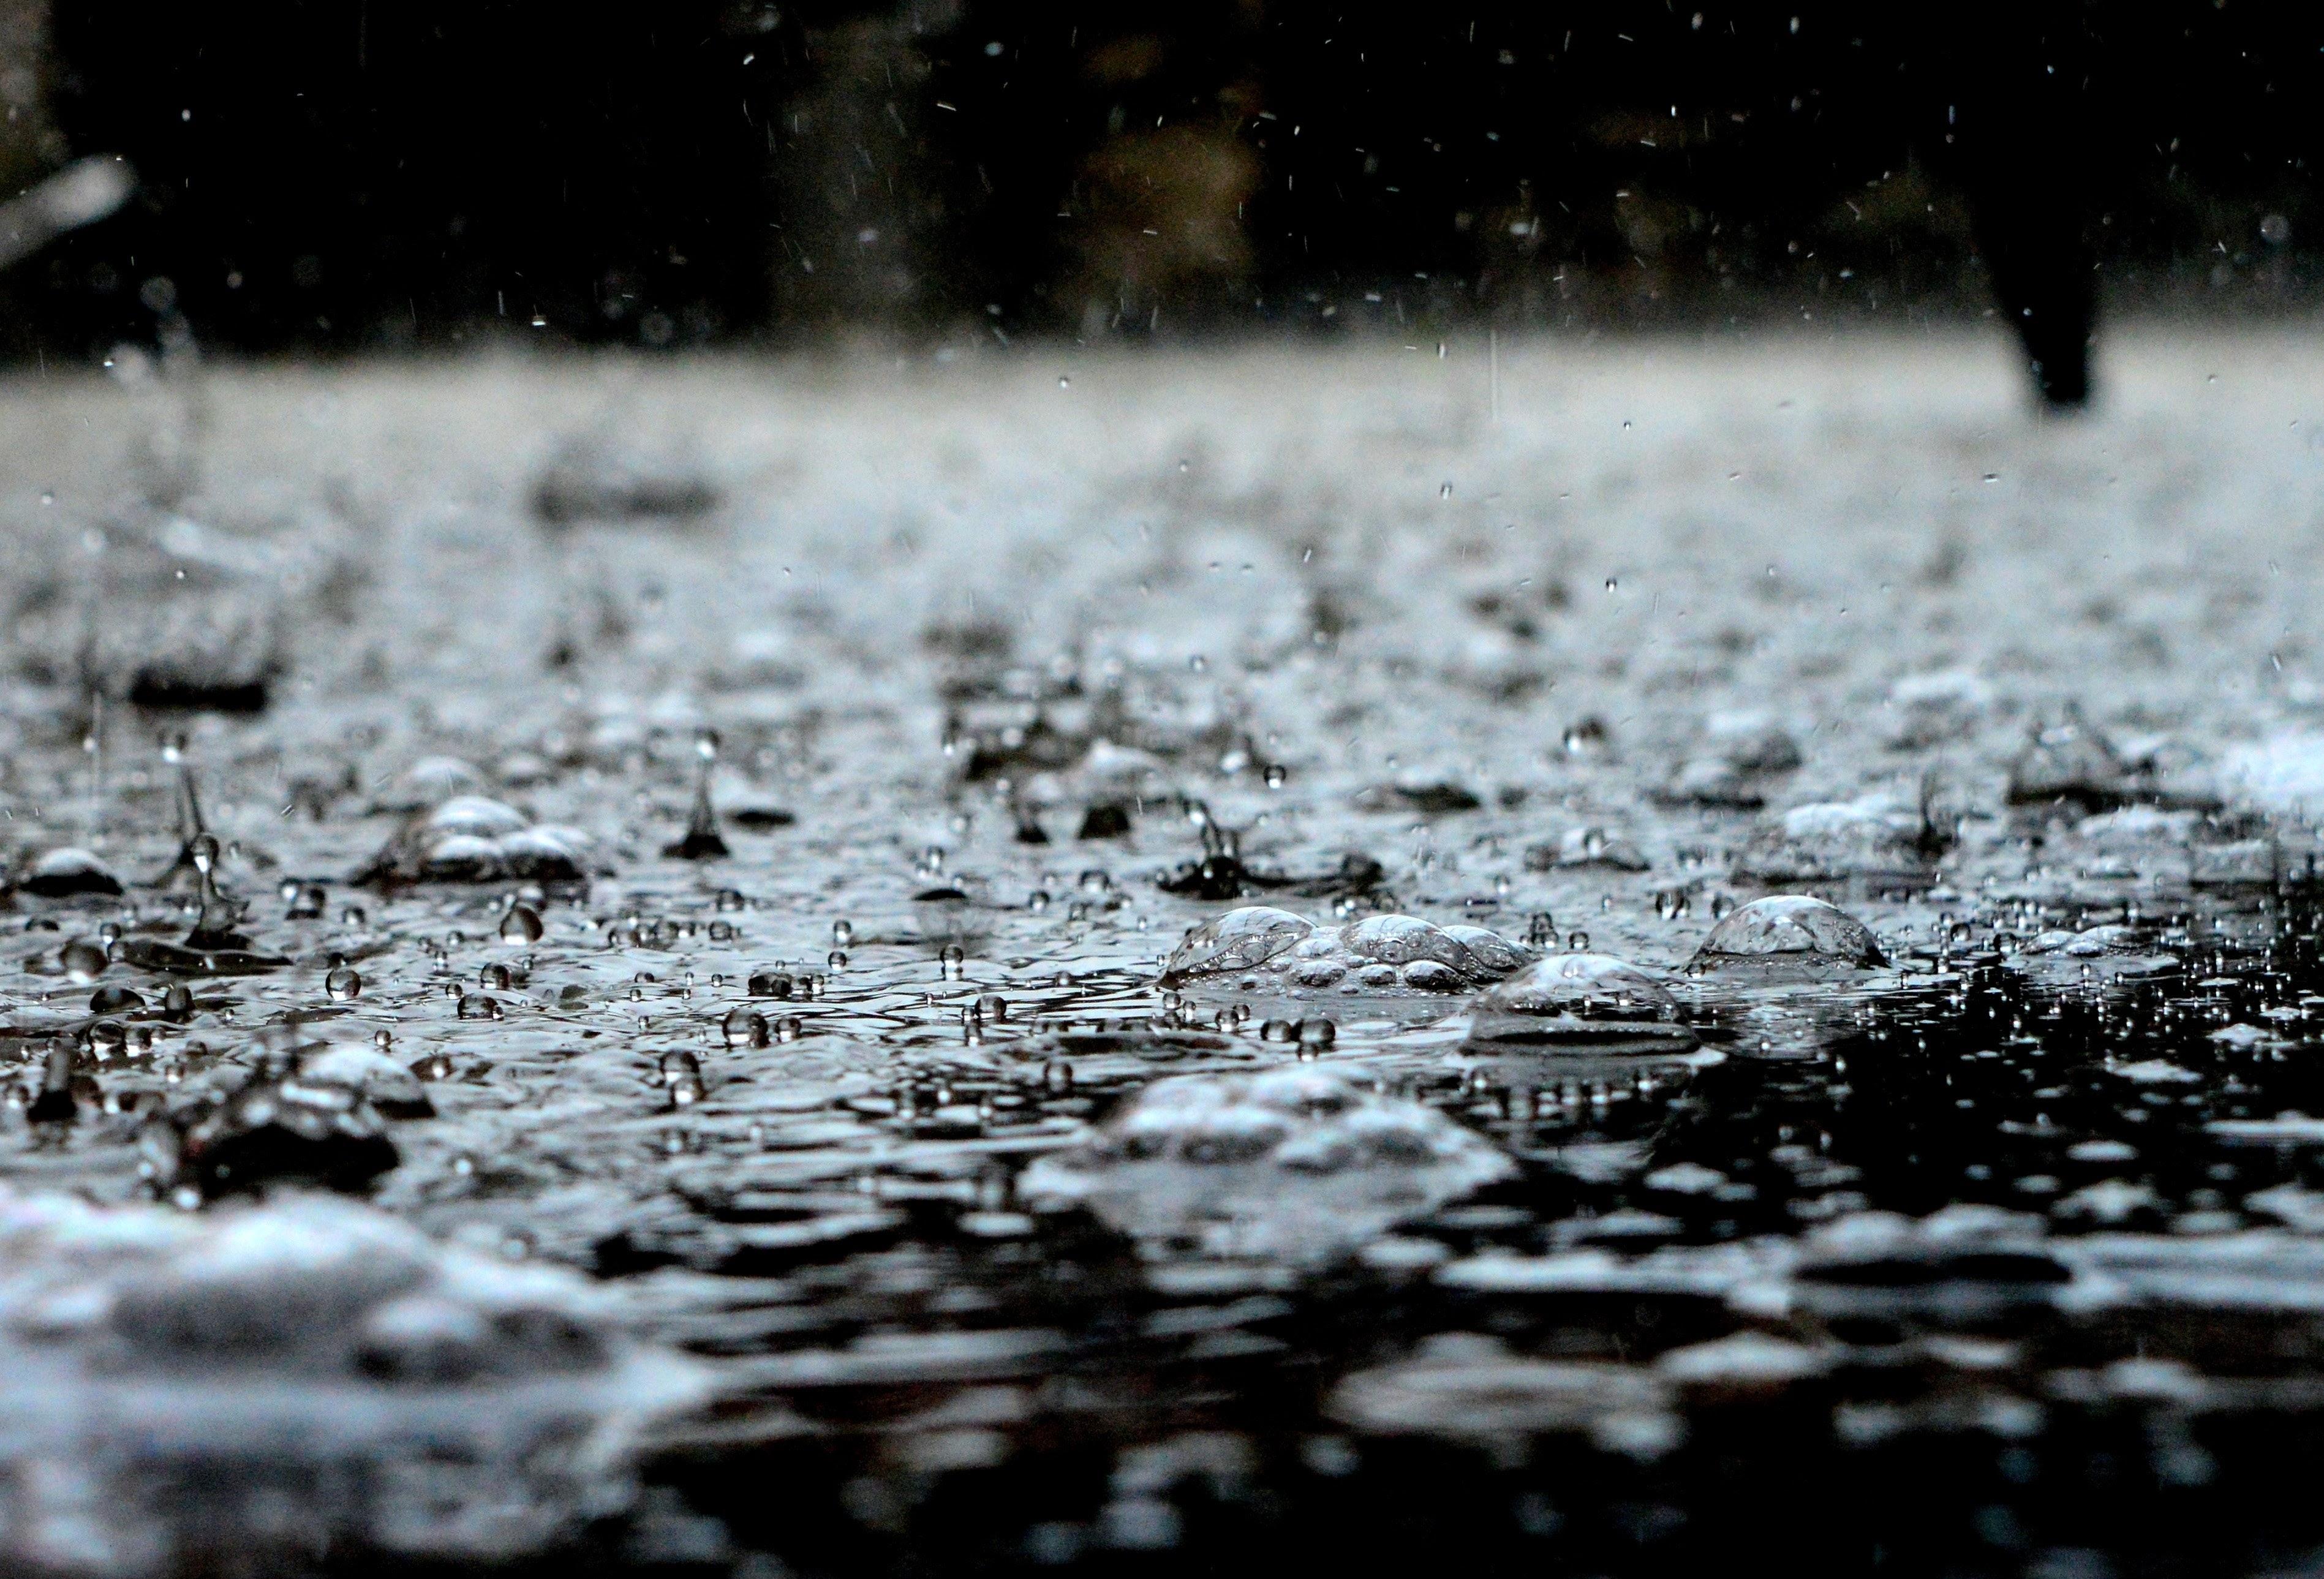 Καιρός: Συννεφιά και τοπικές βροχοπτώσεις, πού θα χιονίσει